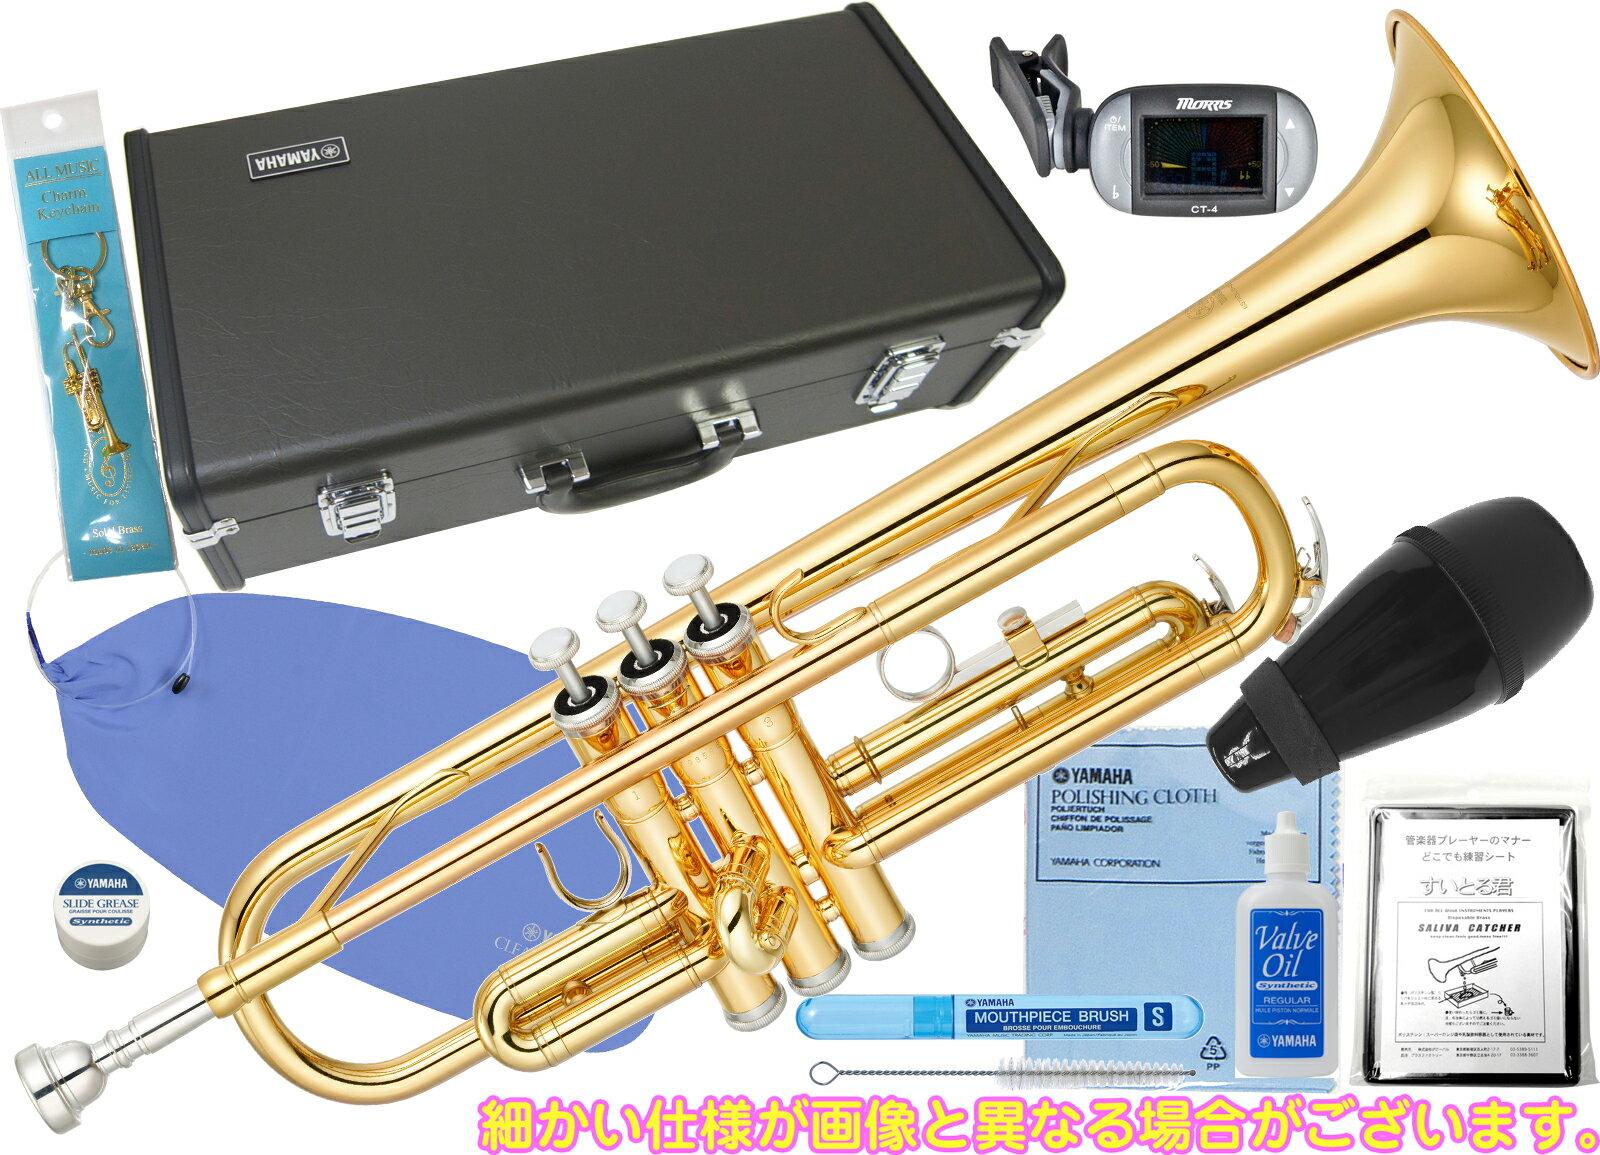 YAMAHA(ヤマハ)YTR-2330ゴールドトランペット新品正規品初心者セット管楽器管体B♭楽器本